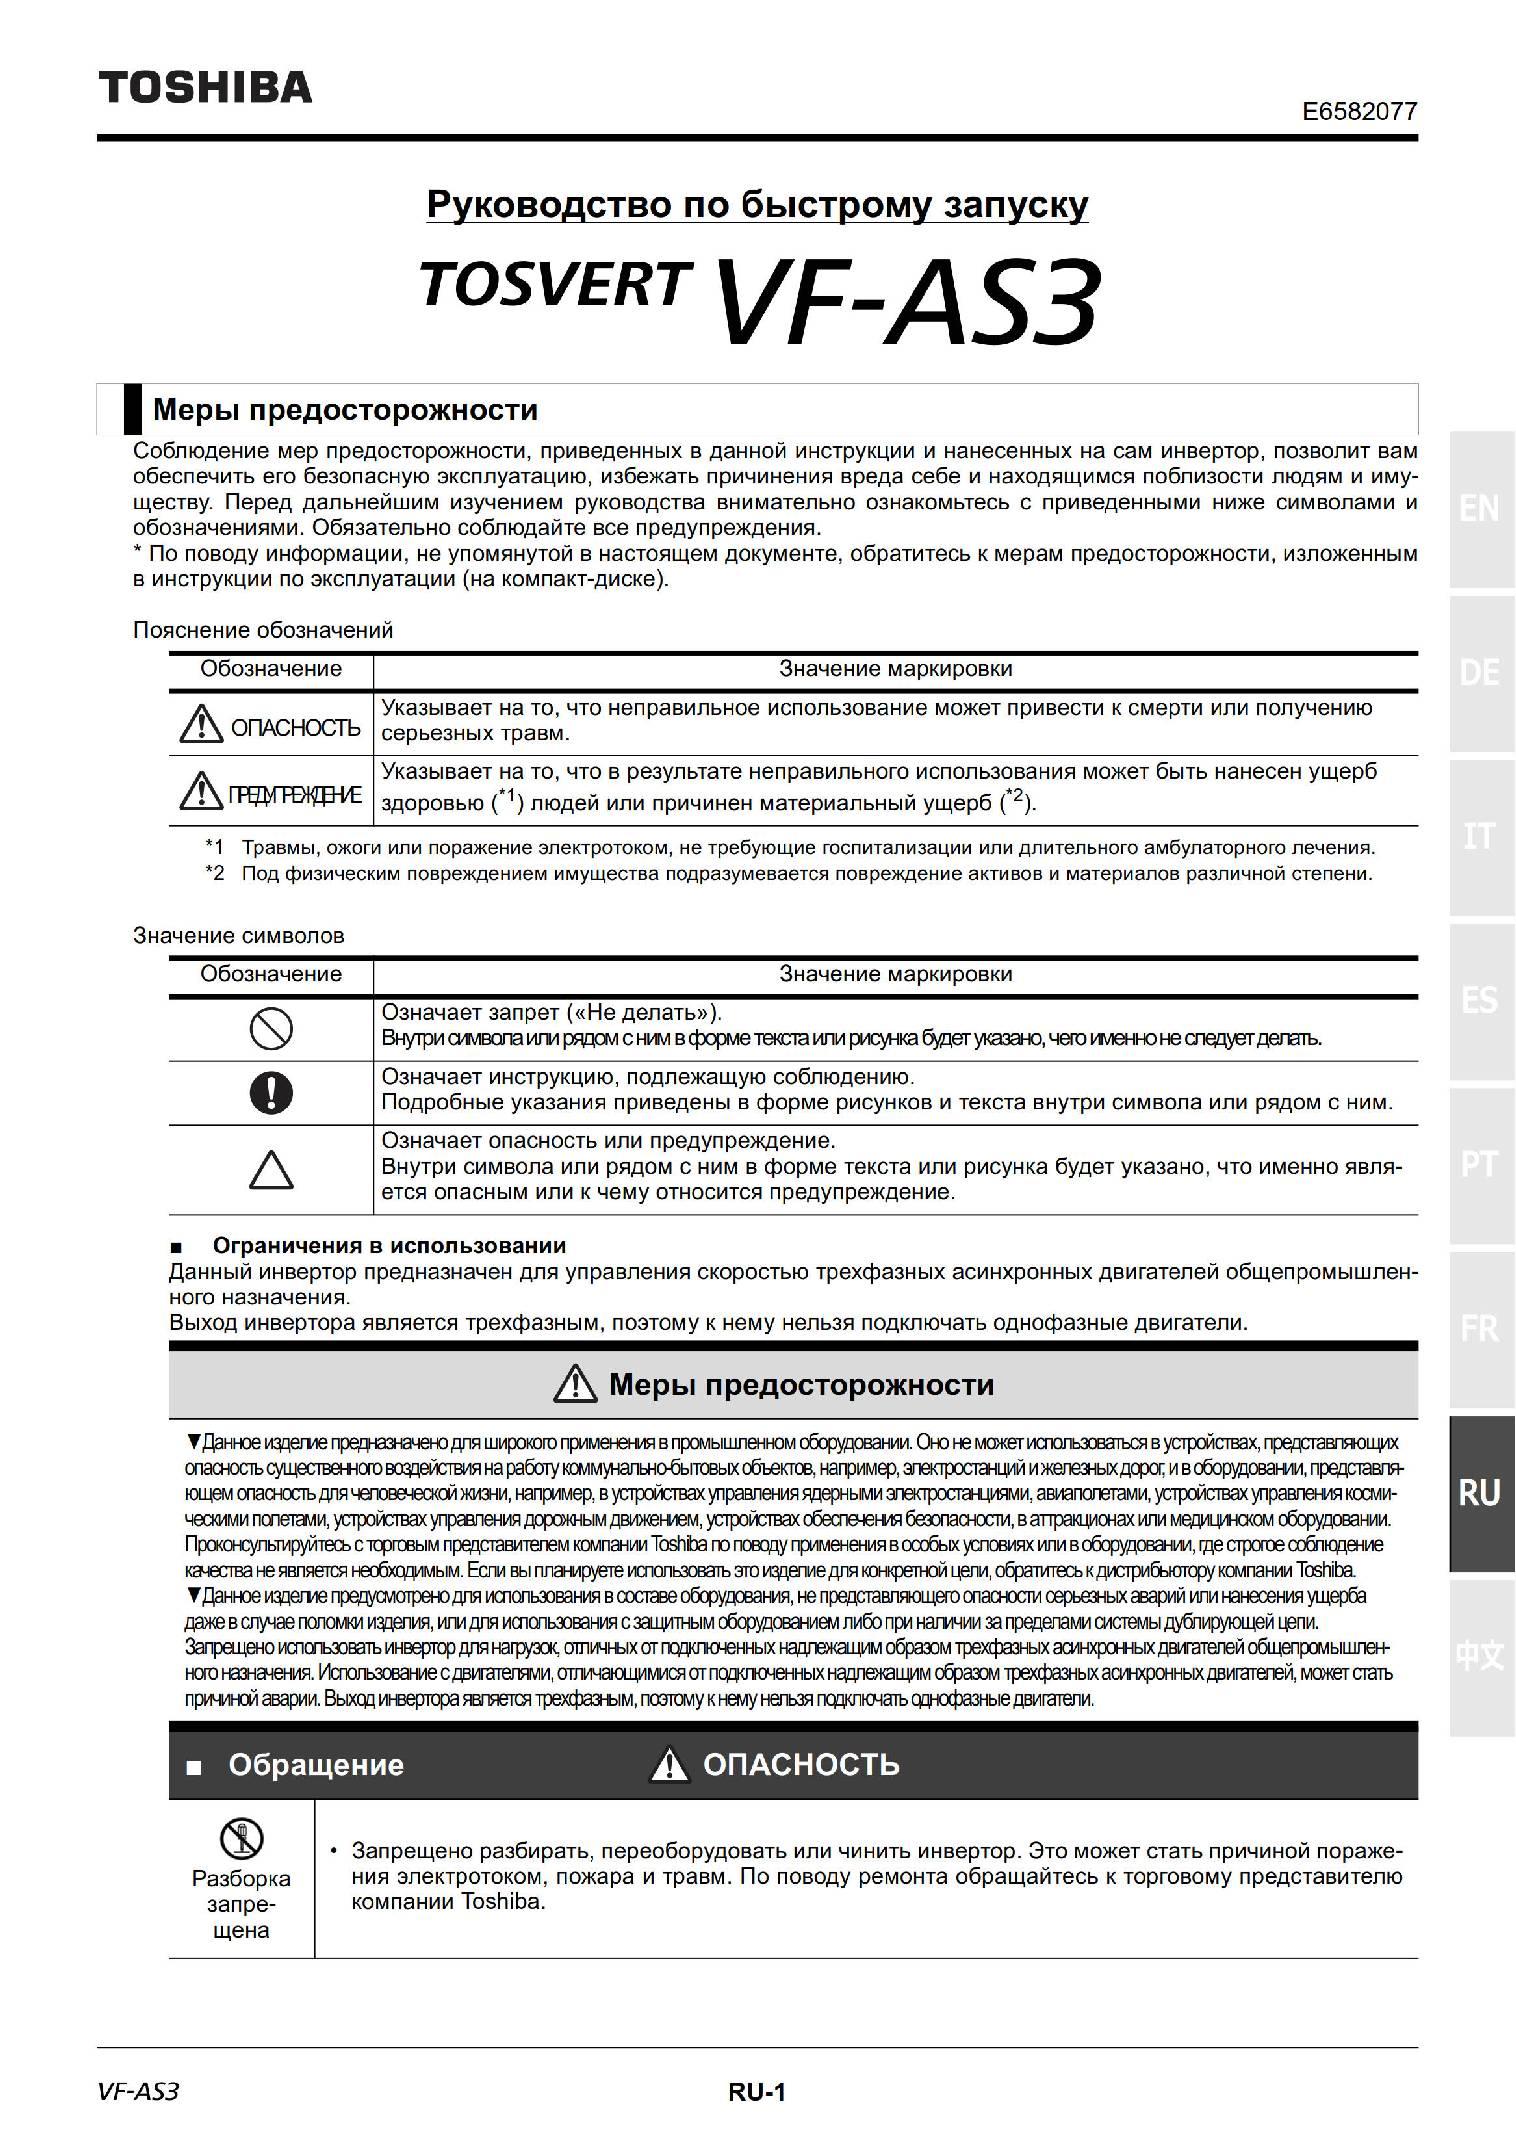 Руководство по быстрому запуску частотника VF-AS3 на русском языке E6582077